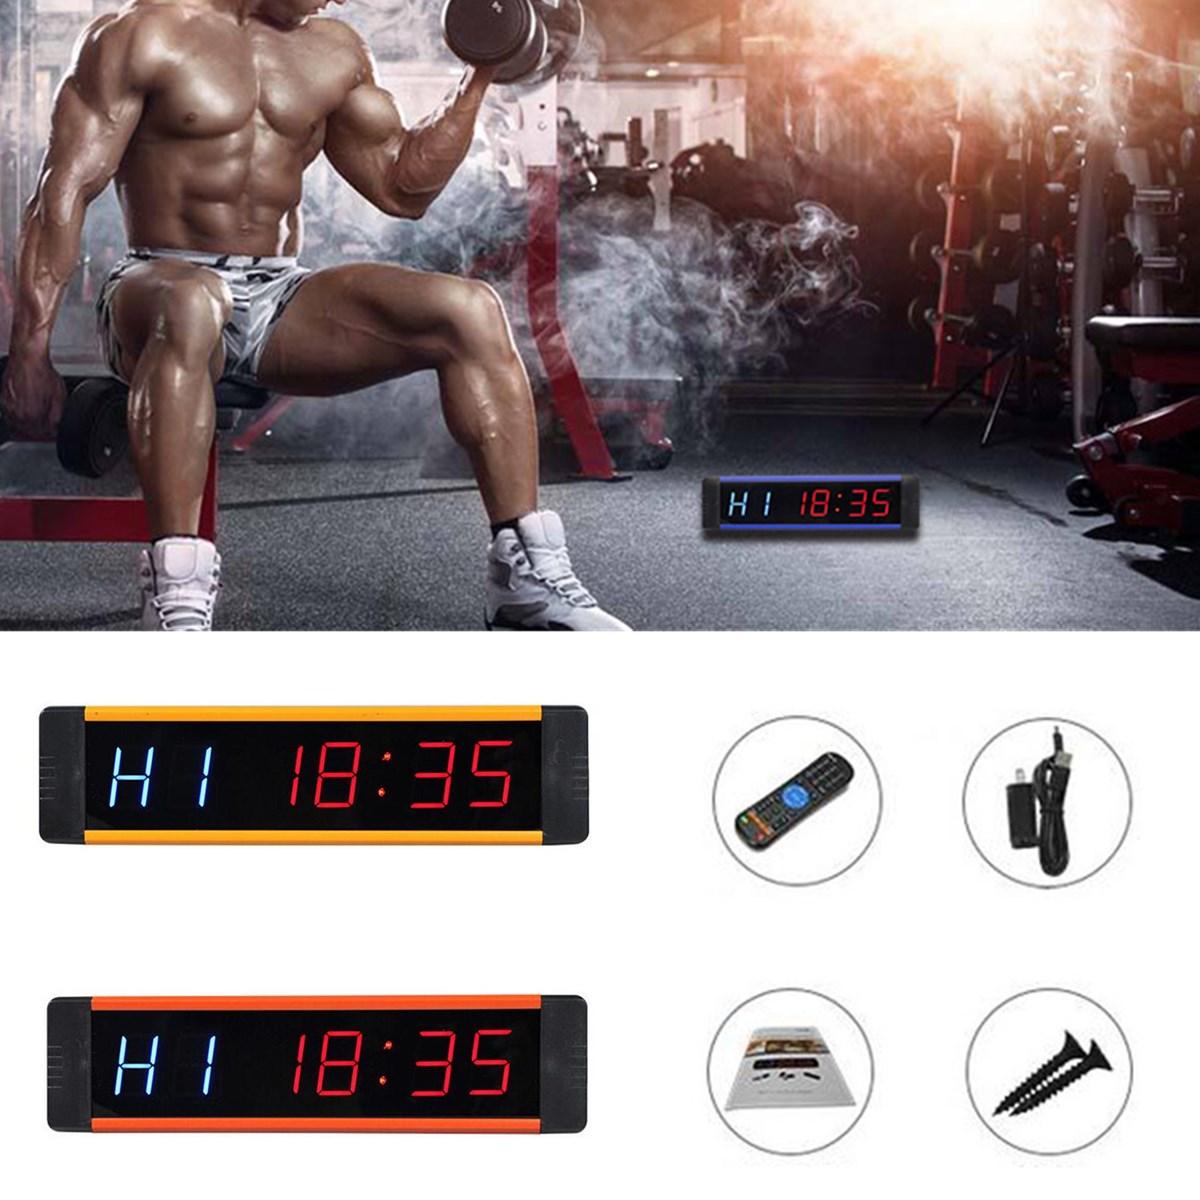 Livraison gratuite minuterie Programmable LED affichage intervalle minuterie horloge murale pour Gym Fitness temps d'entraînement et temps de repos Cycle